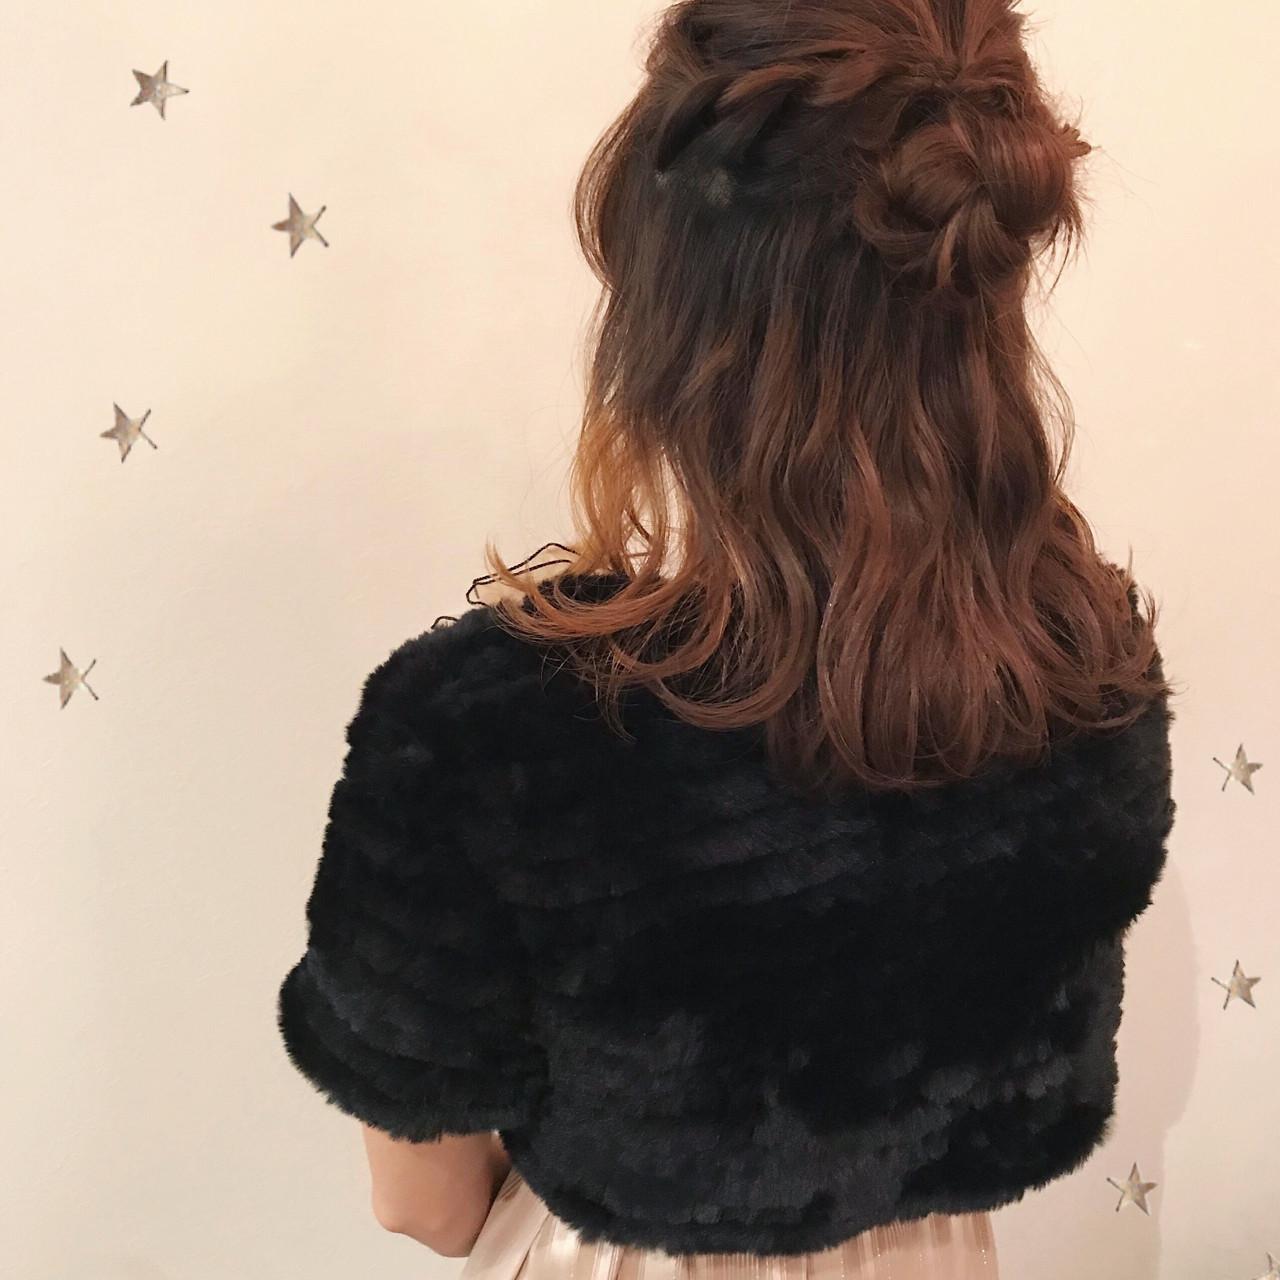 ハーフアップ セミロング ゆるふわ お団子 ヘアスタイルや髪型の写真・画像